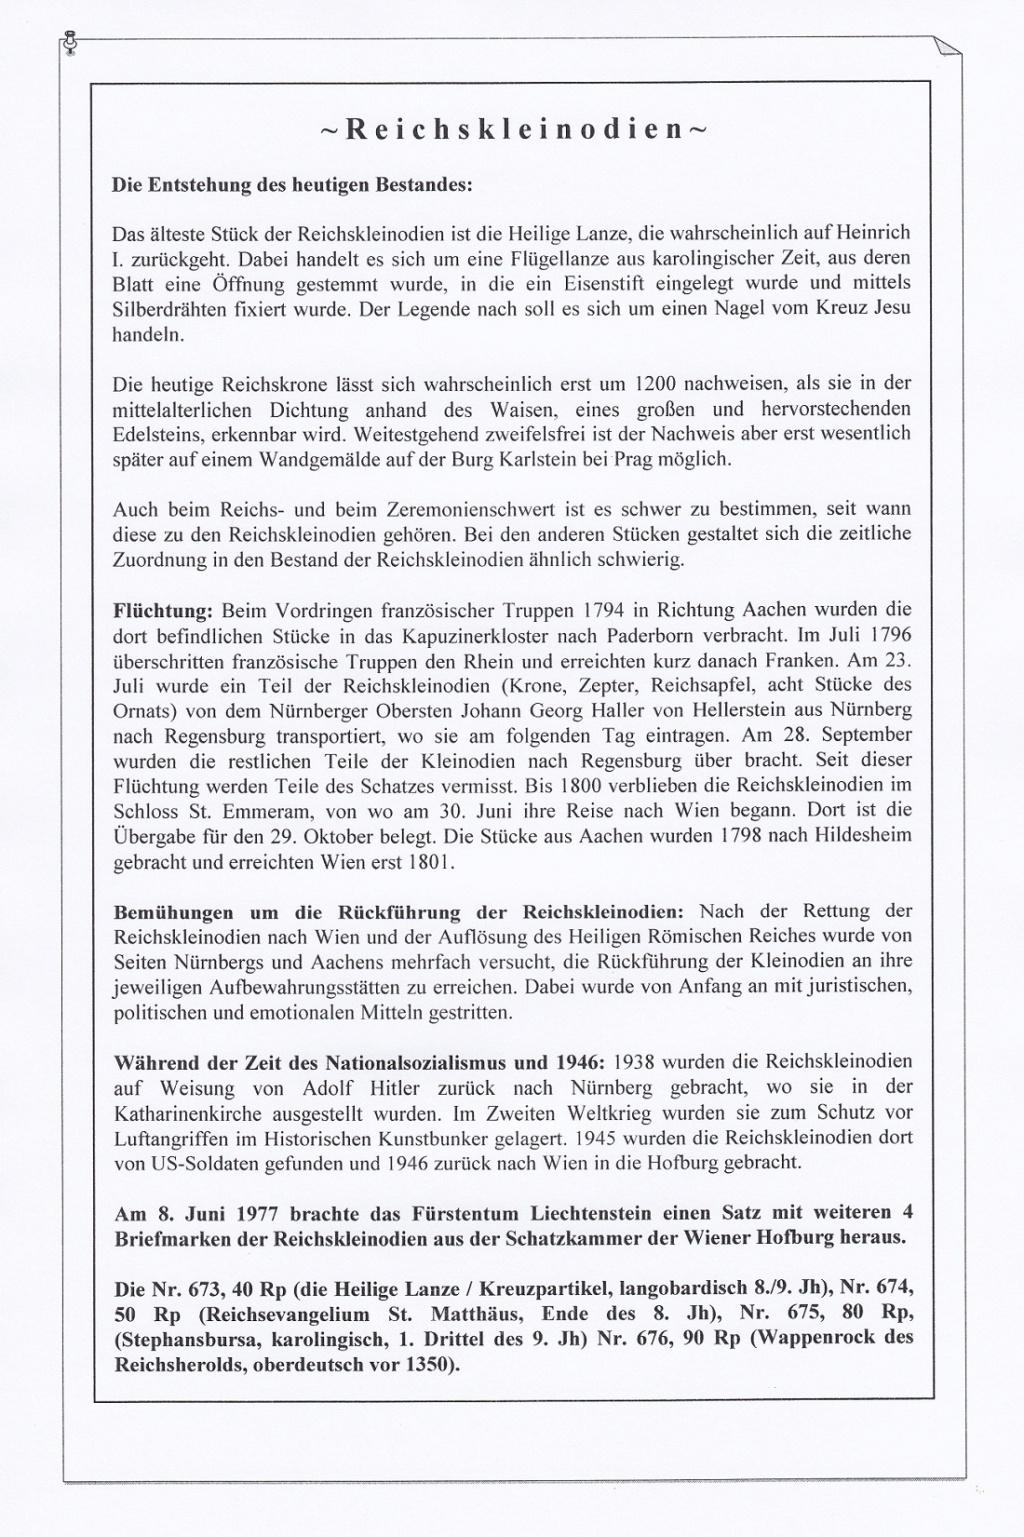 Die Reichskleinodien - Auch Reichsinsignien oder Reichsschatz genannt Reichs15